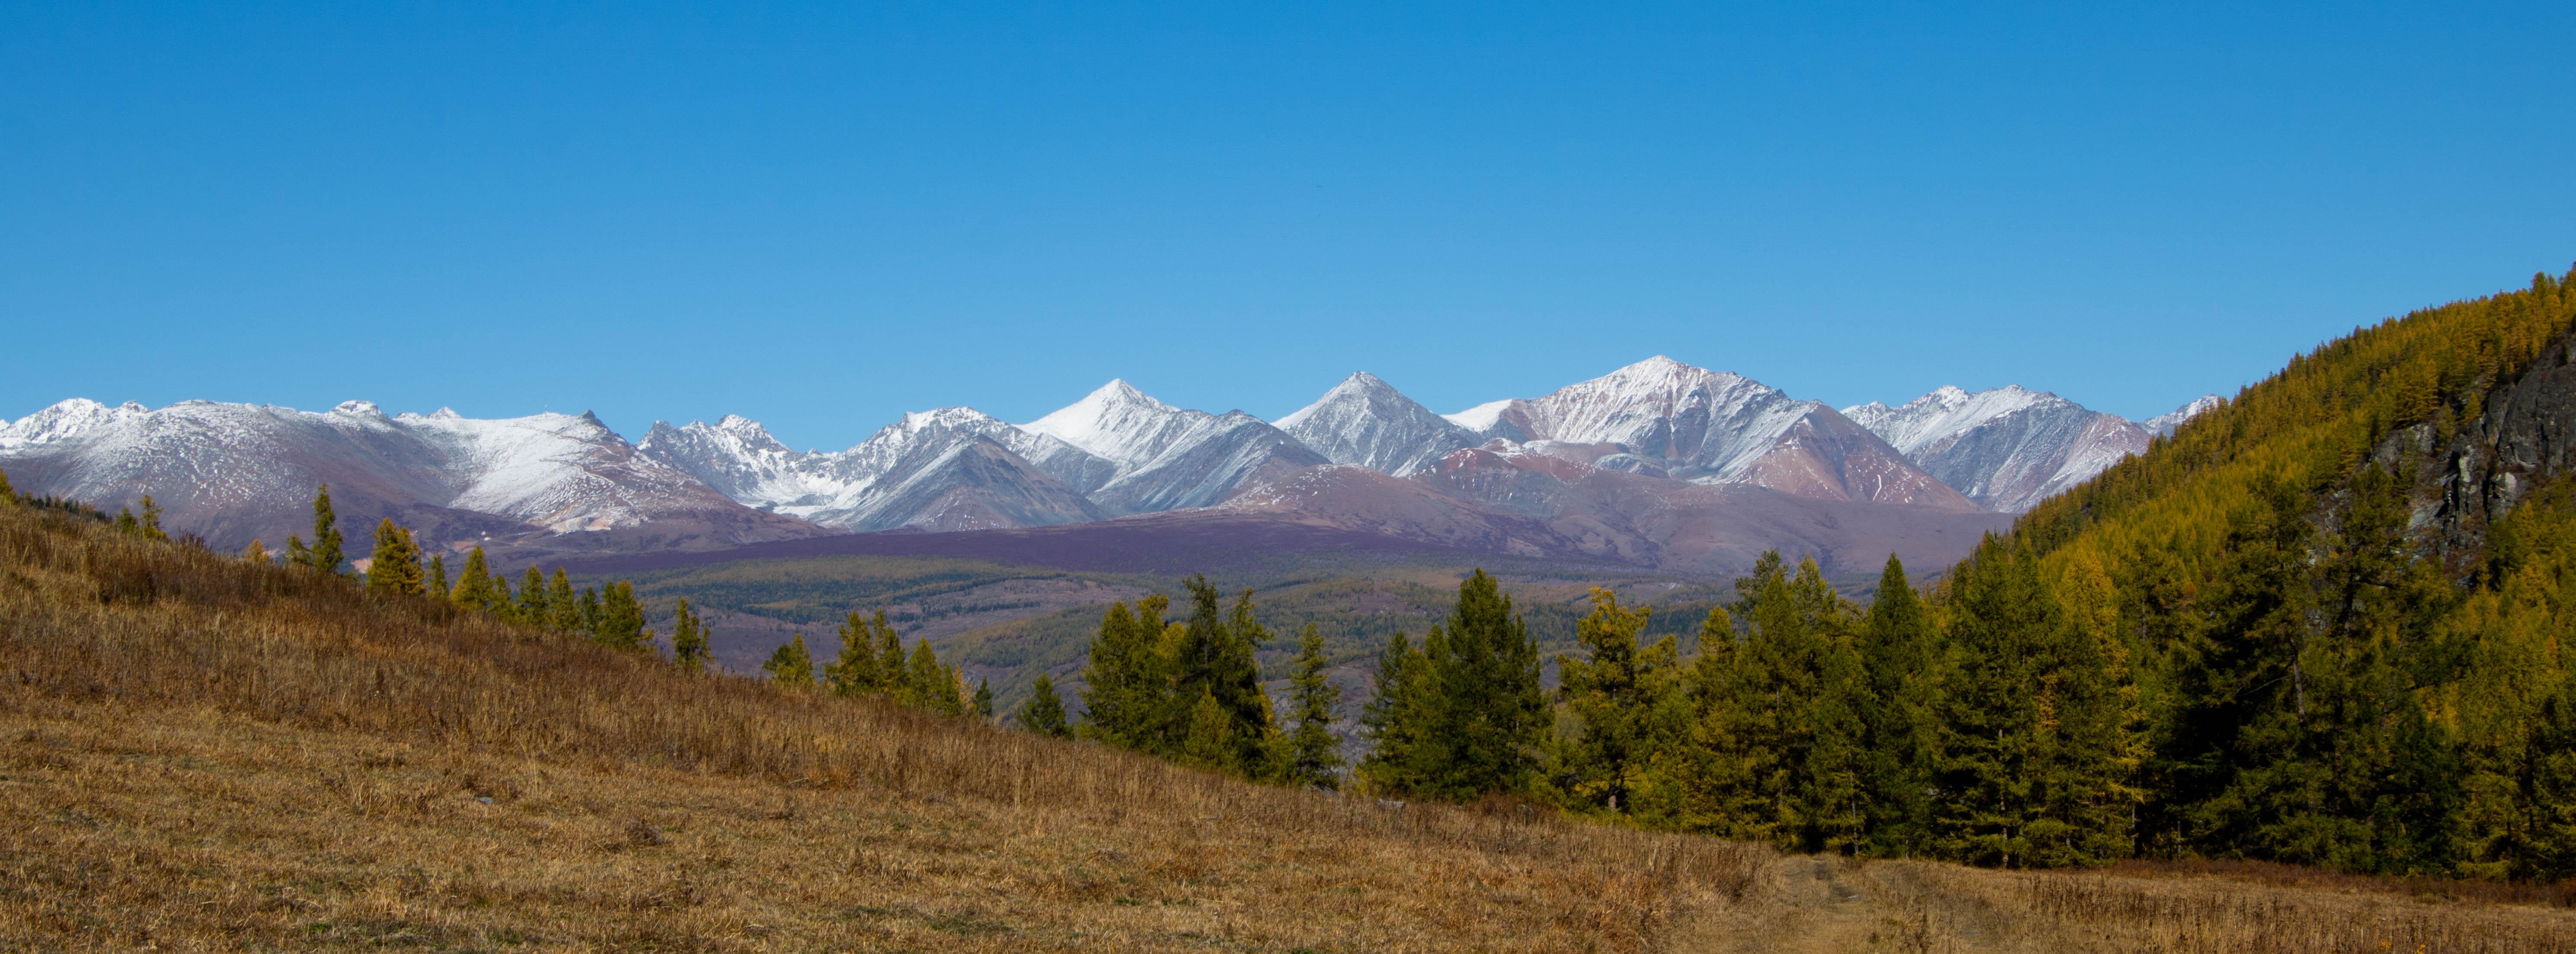 Siberië CO2 compensatie - eco reizen - TraveklRebel Duurzaam reizen